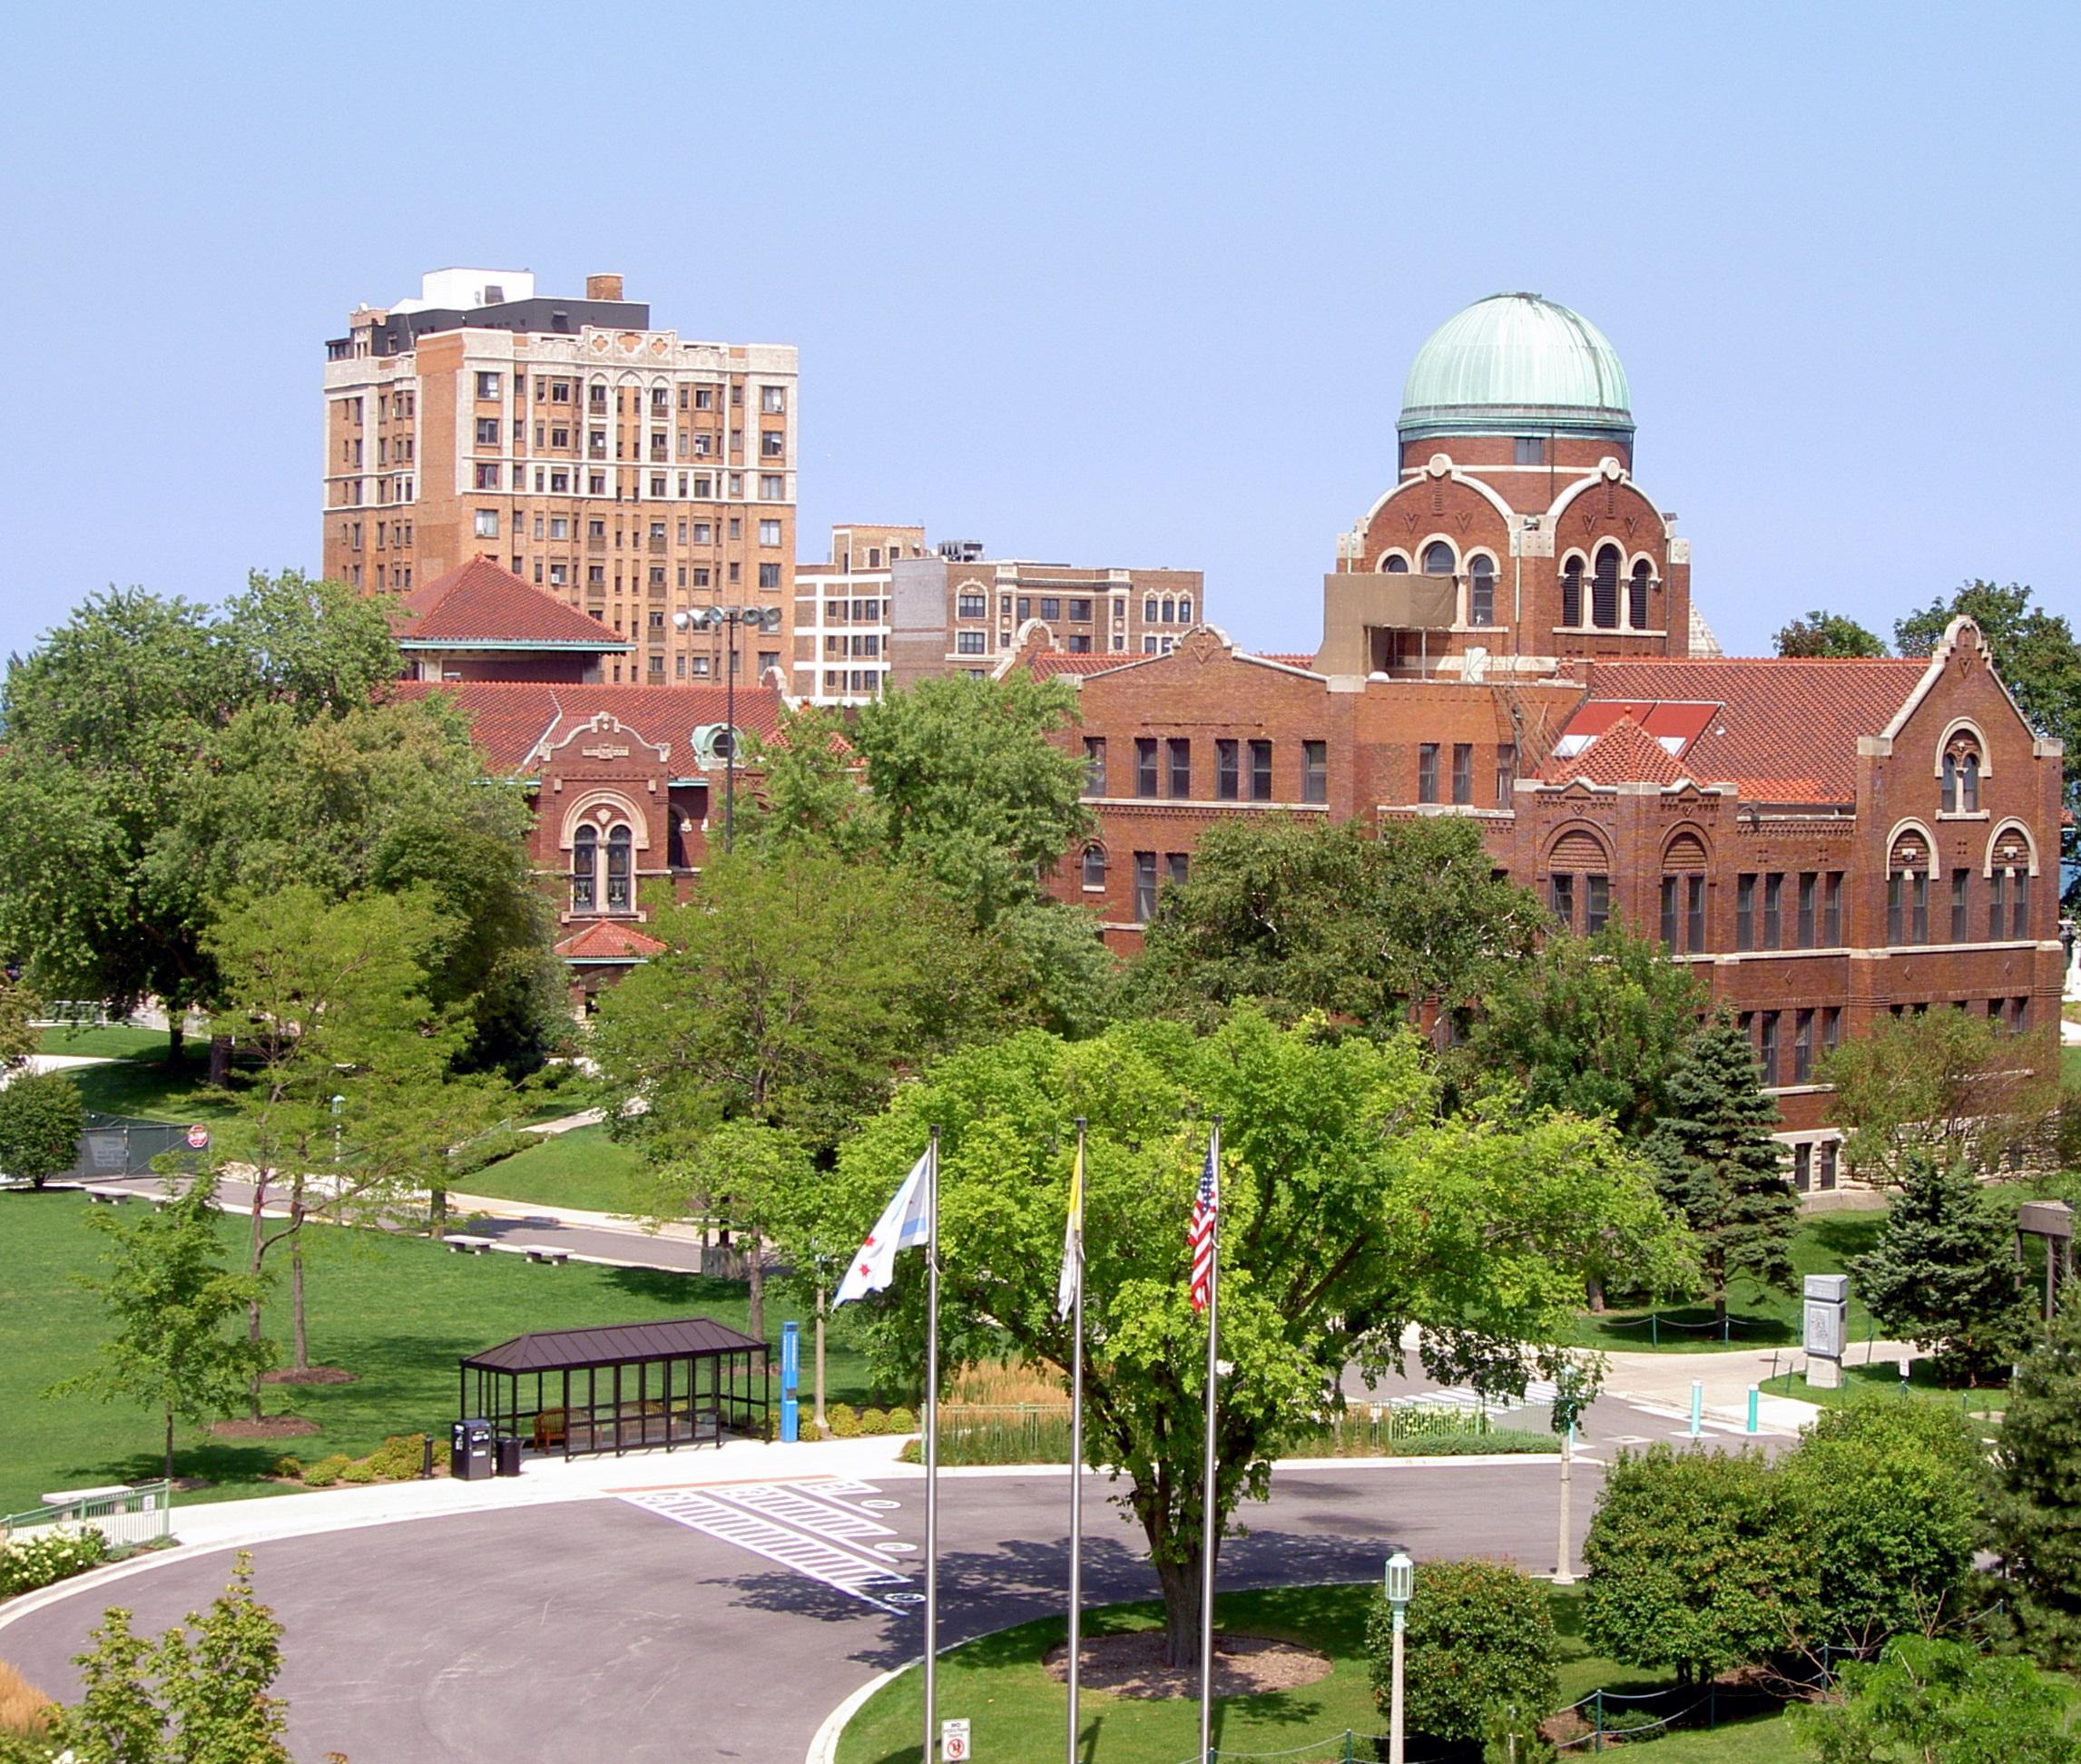 Almost 200 Top Tier Colleges Don't Require SAT Scores ... Пенсильванский Университет